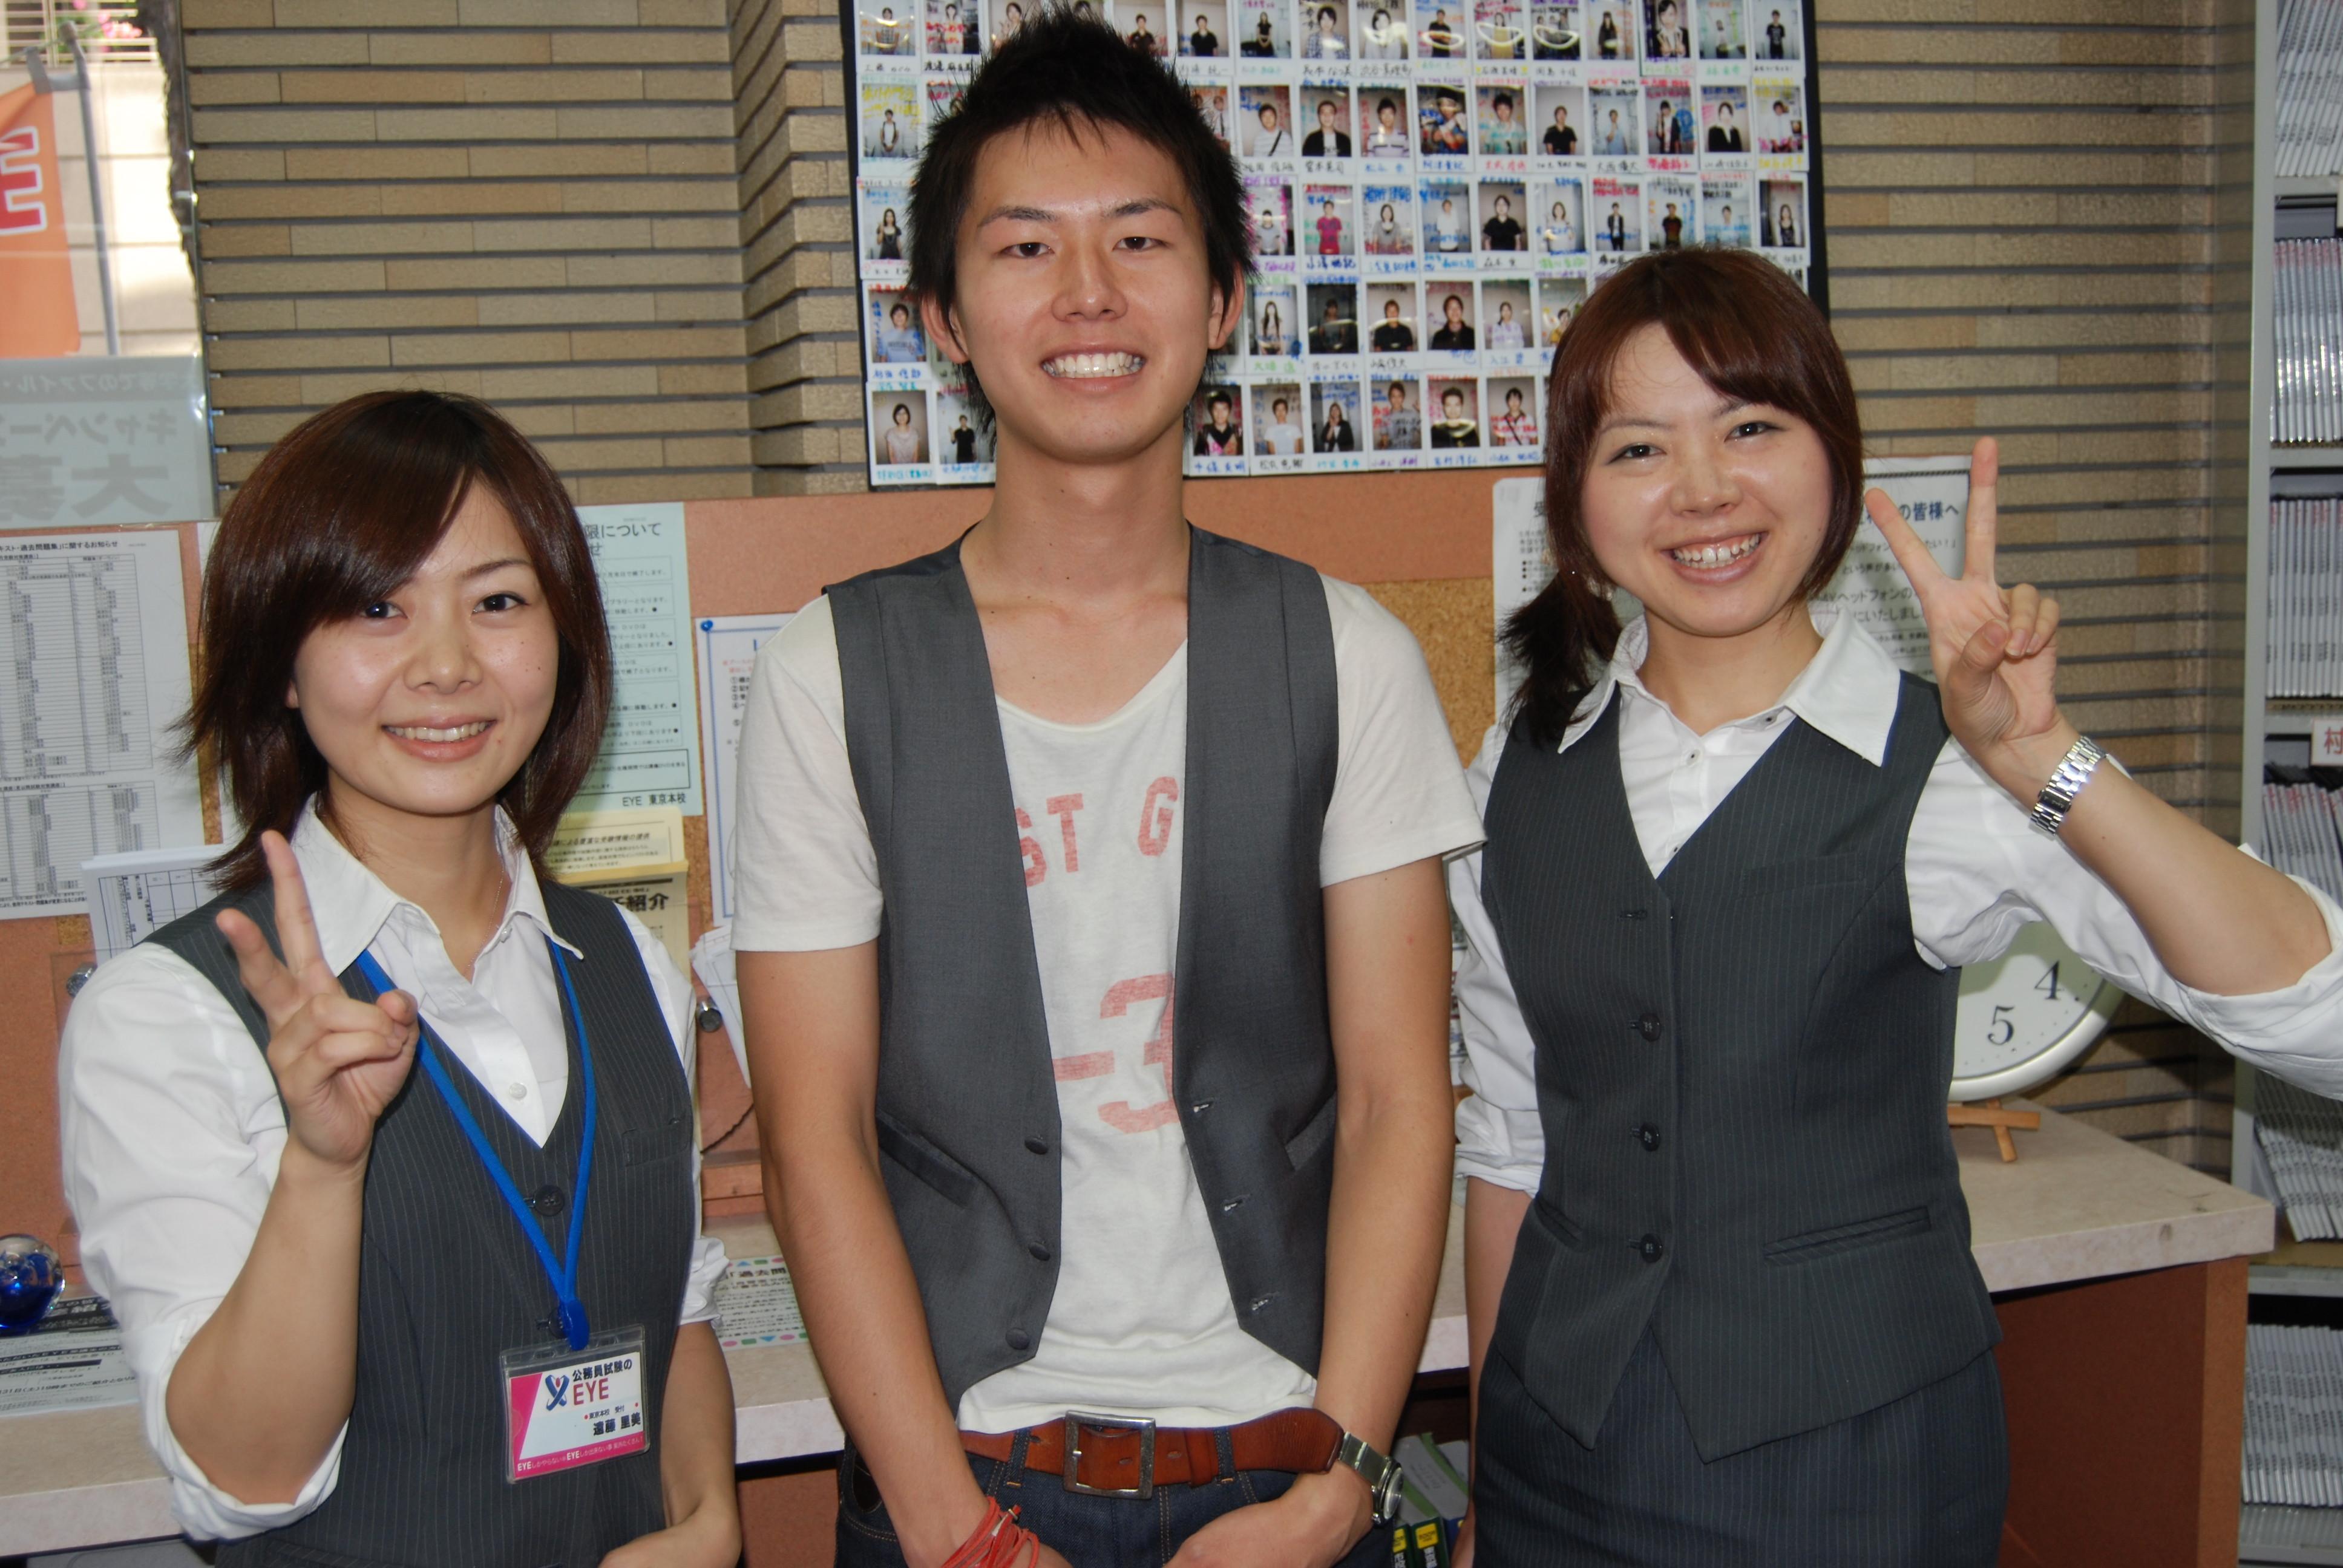 公務員試験のEYE 新着ニュースブログ in 関東